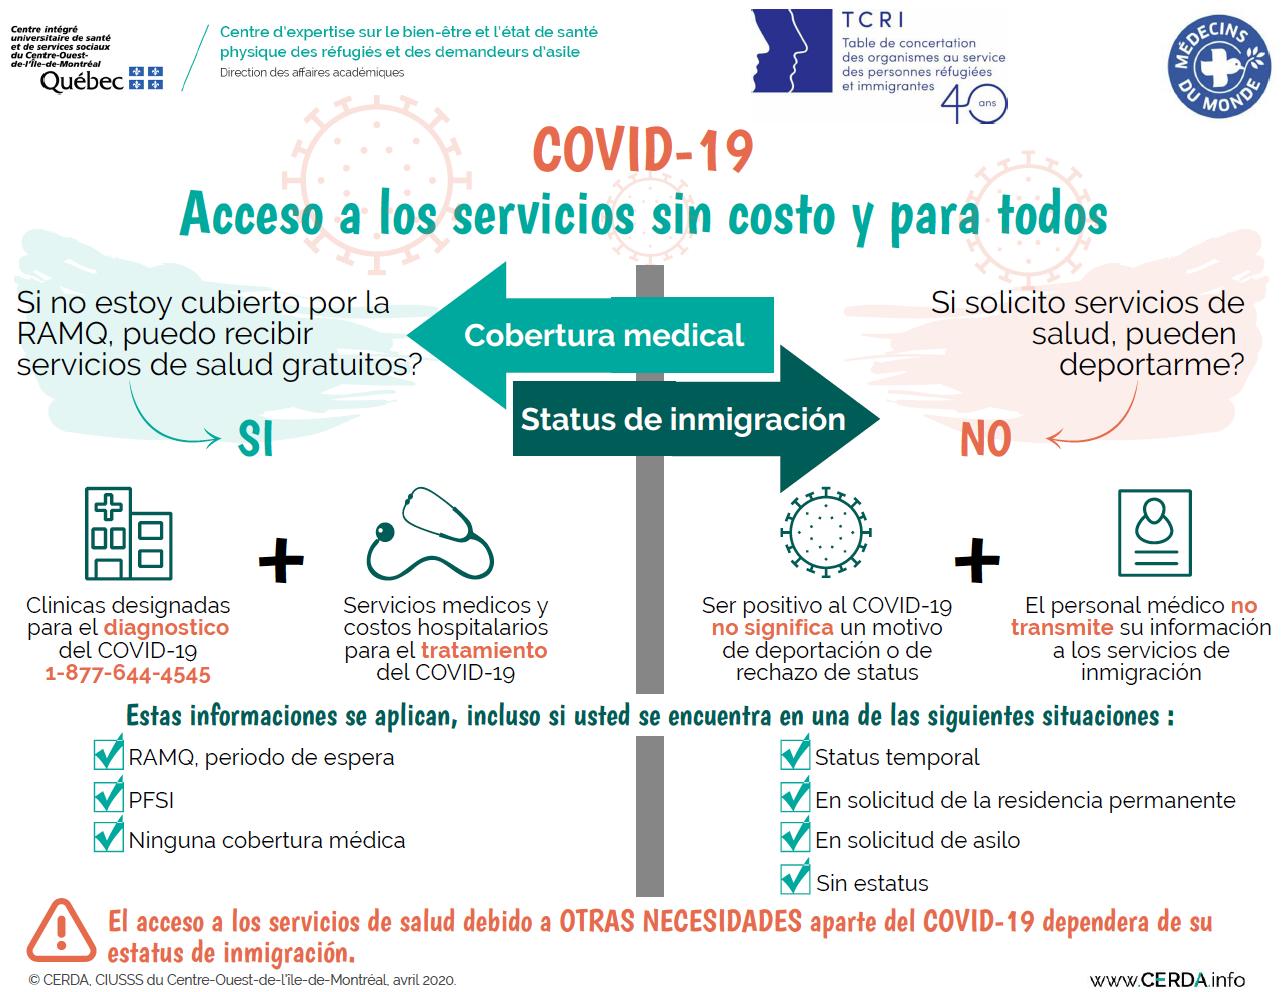 INFO - COVID-19 : Accès aux services sans frais et pour tous - Espagnol